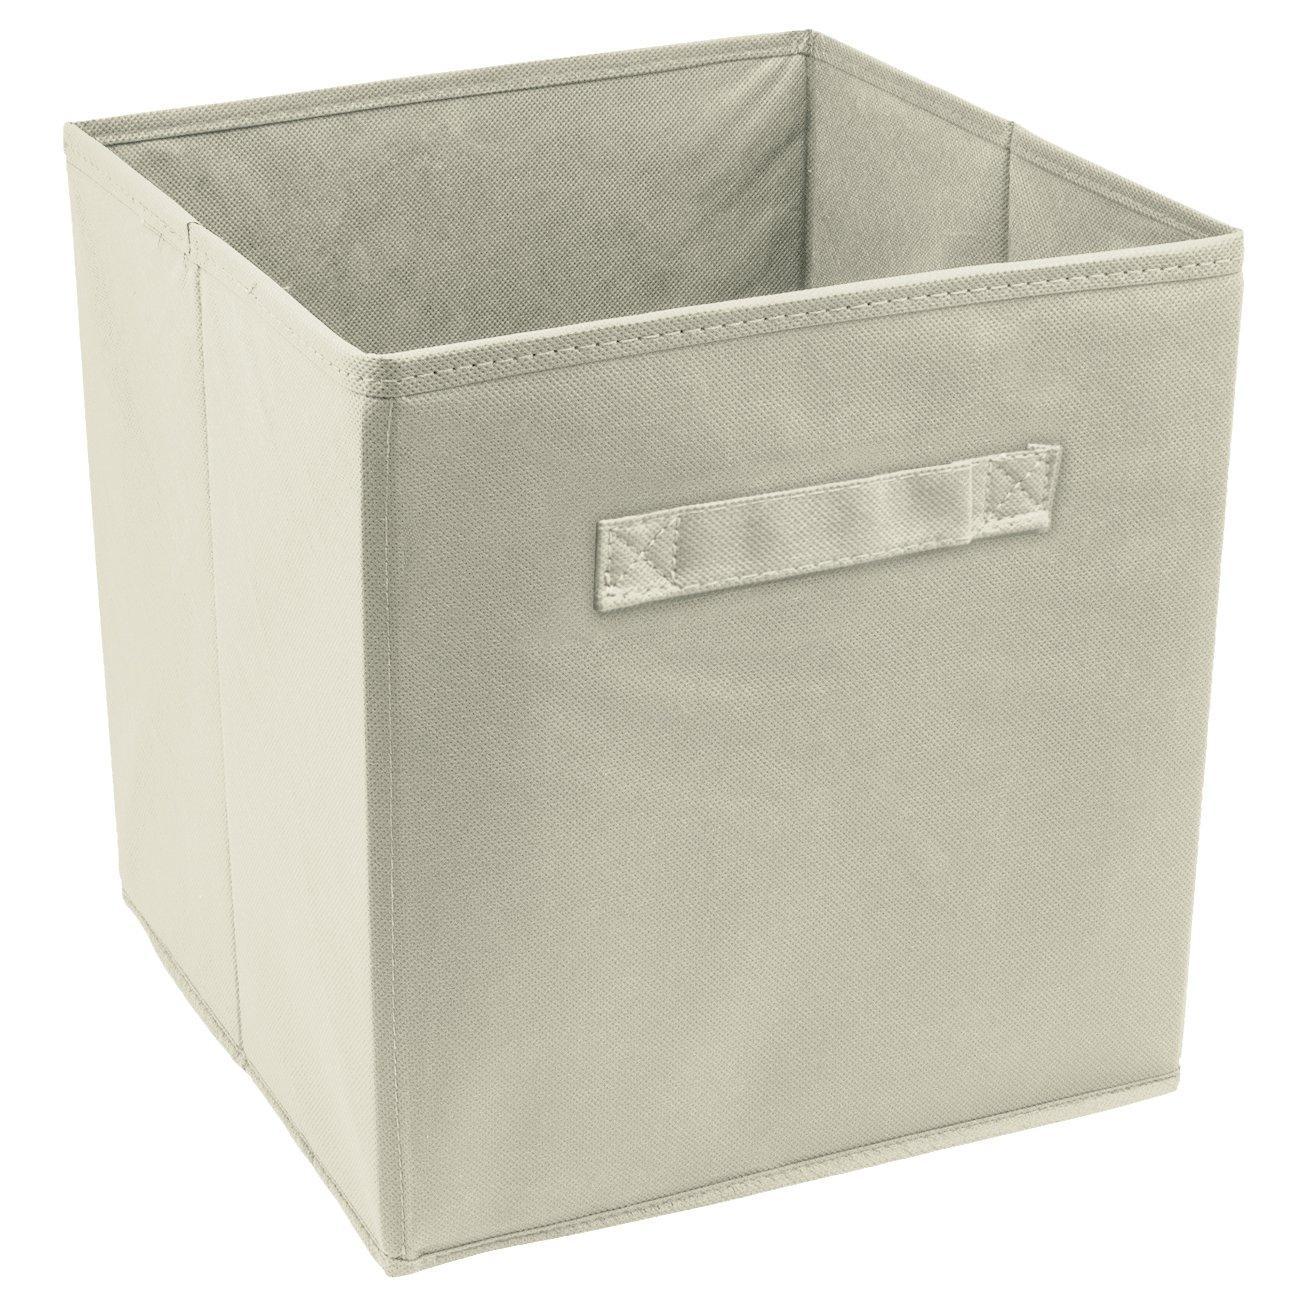 Sorbus Cube Storage Bin, Beige